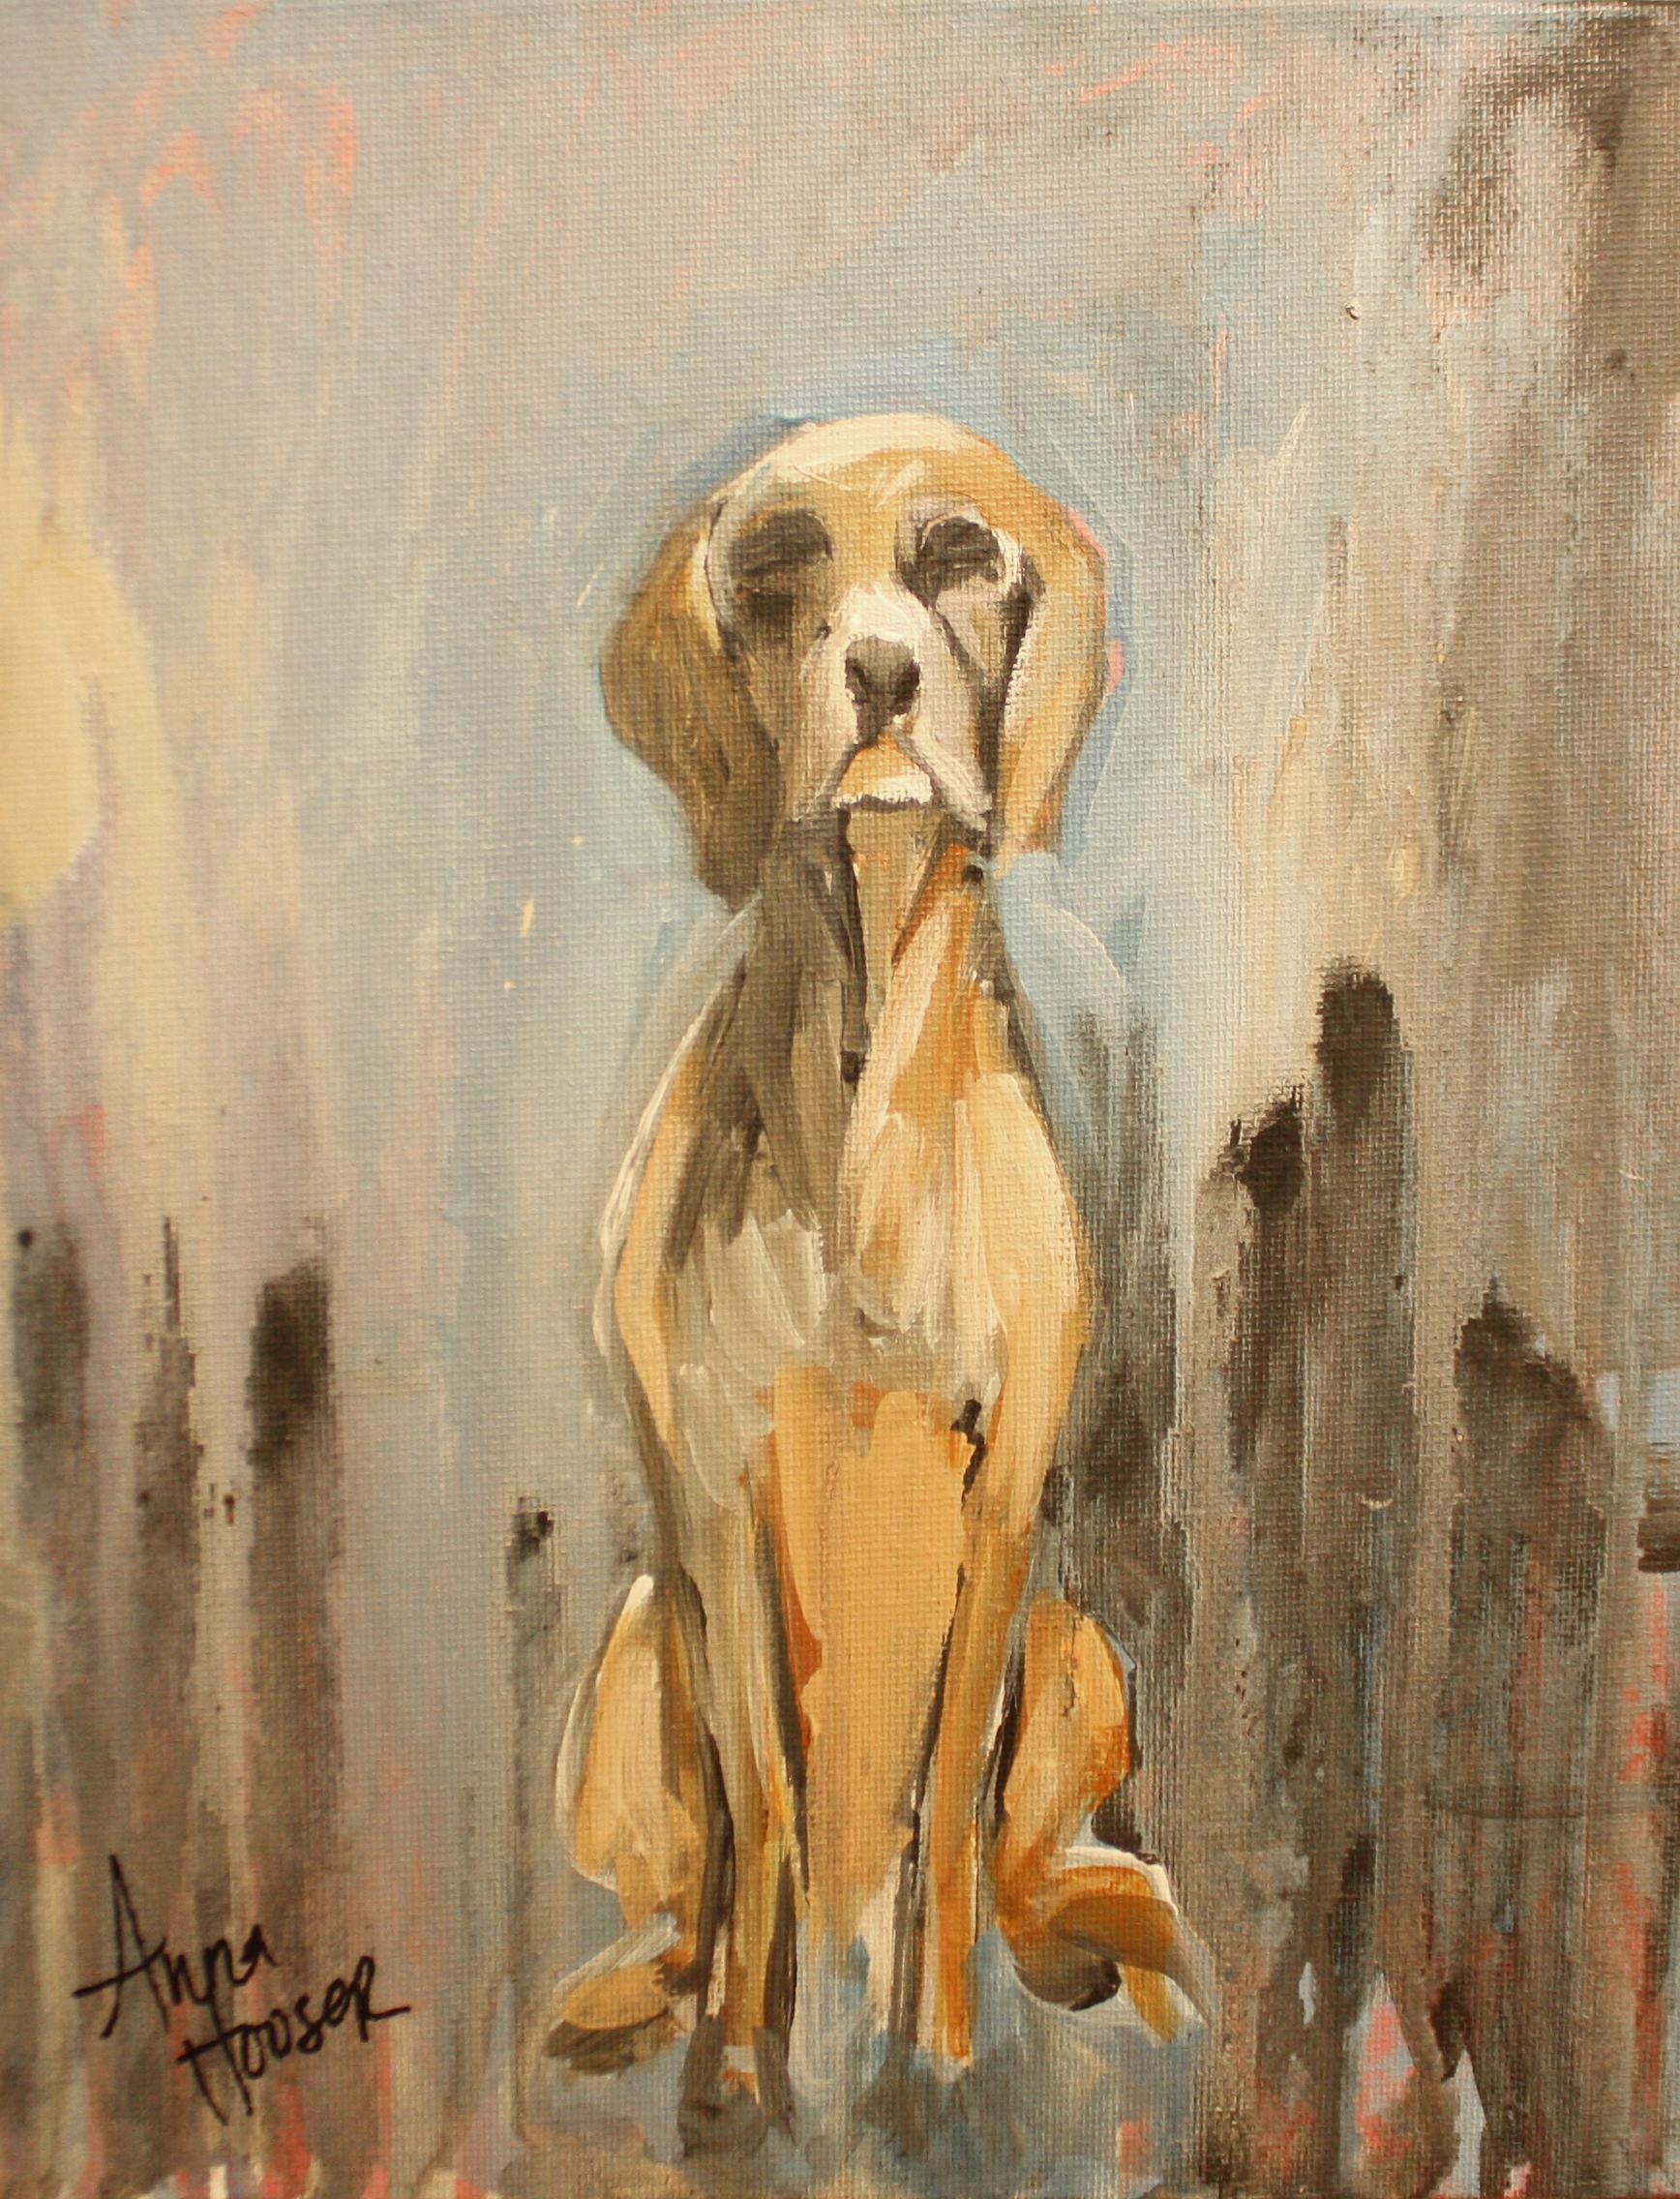 Hound Dog ©Anna Hooser